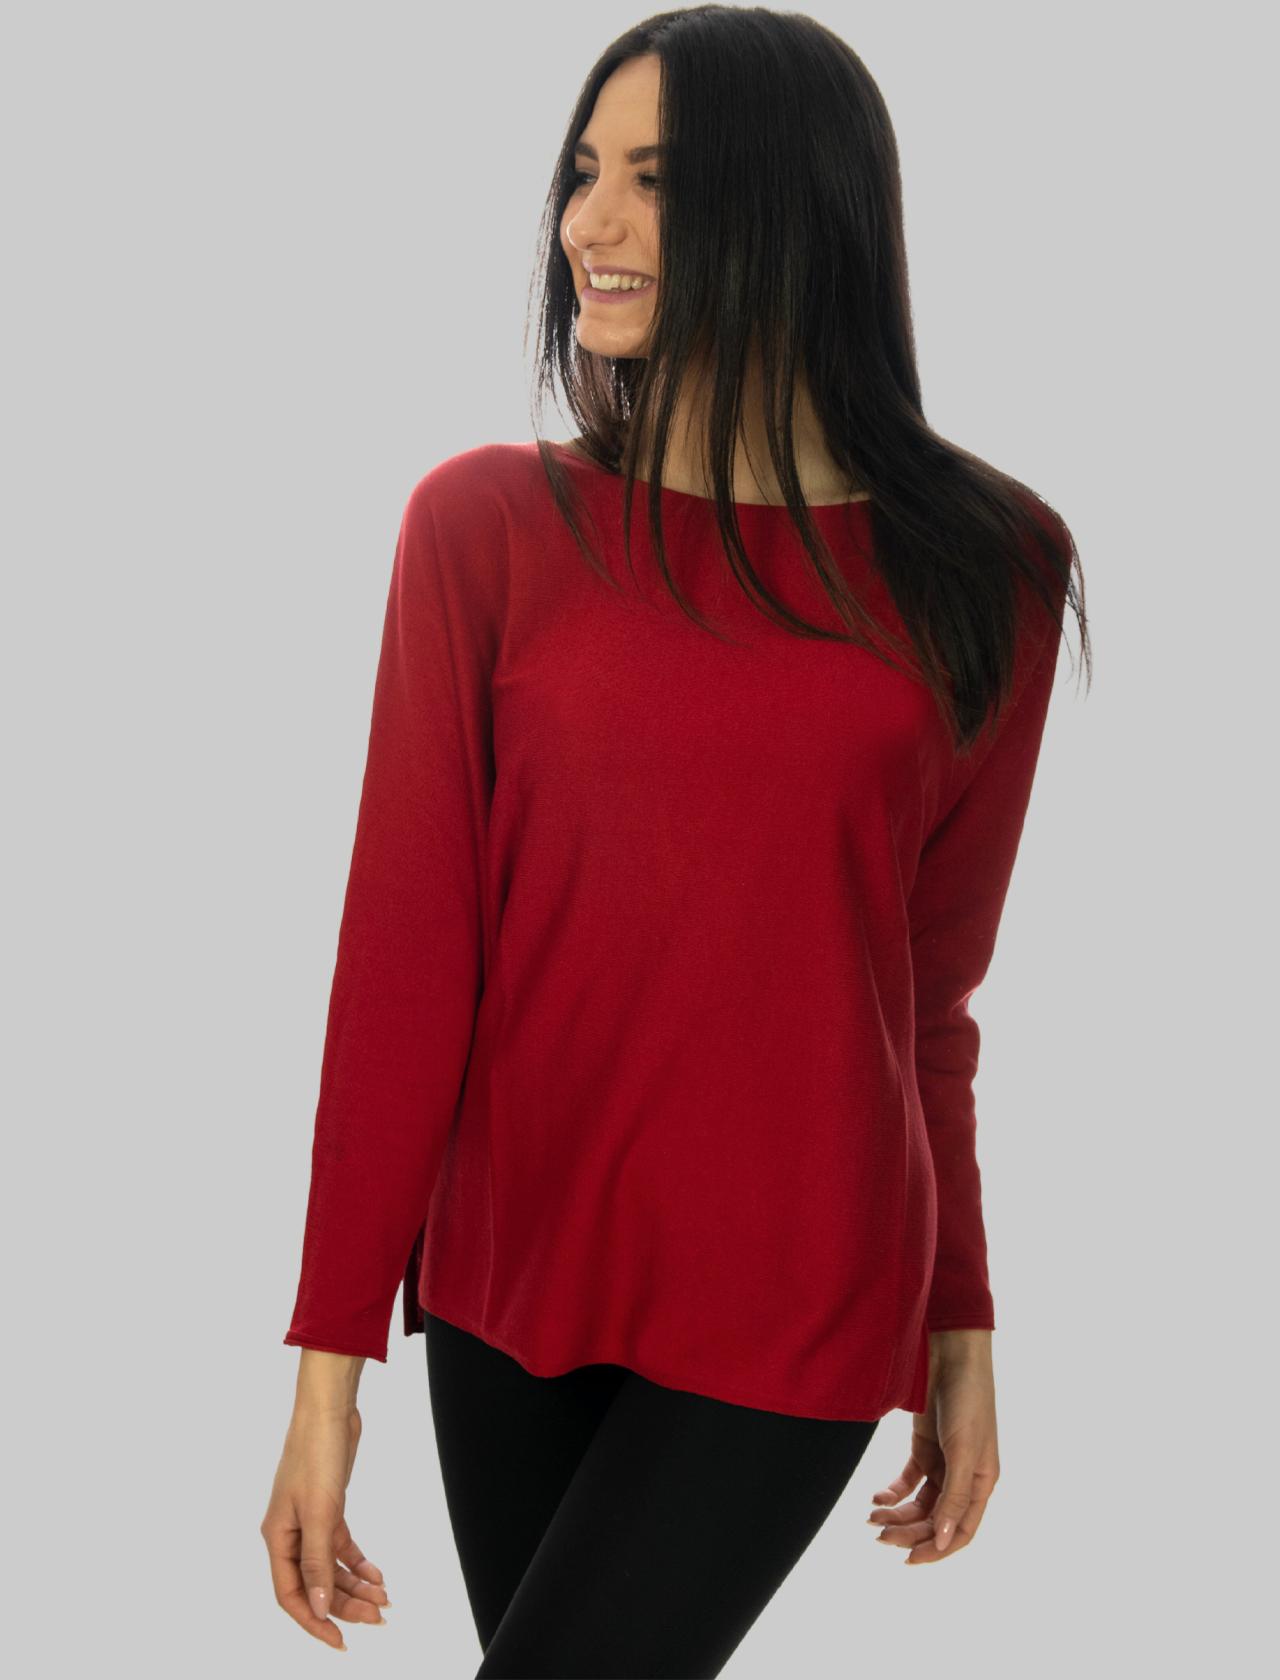 Abbigliamento Donna Maglia Smooth Spring in Cotone Rosso a Girocollo e Maniche Lunghe Maliparmi | Maglieria | JQ48667612830032